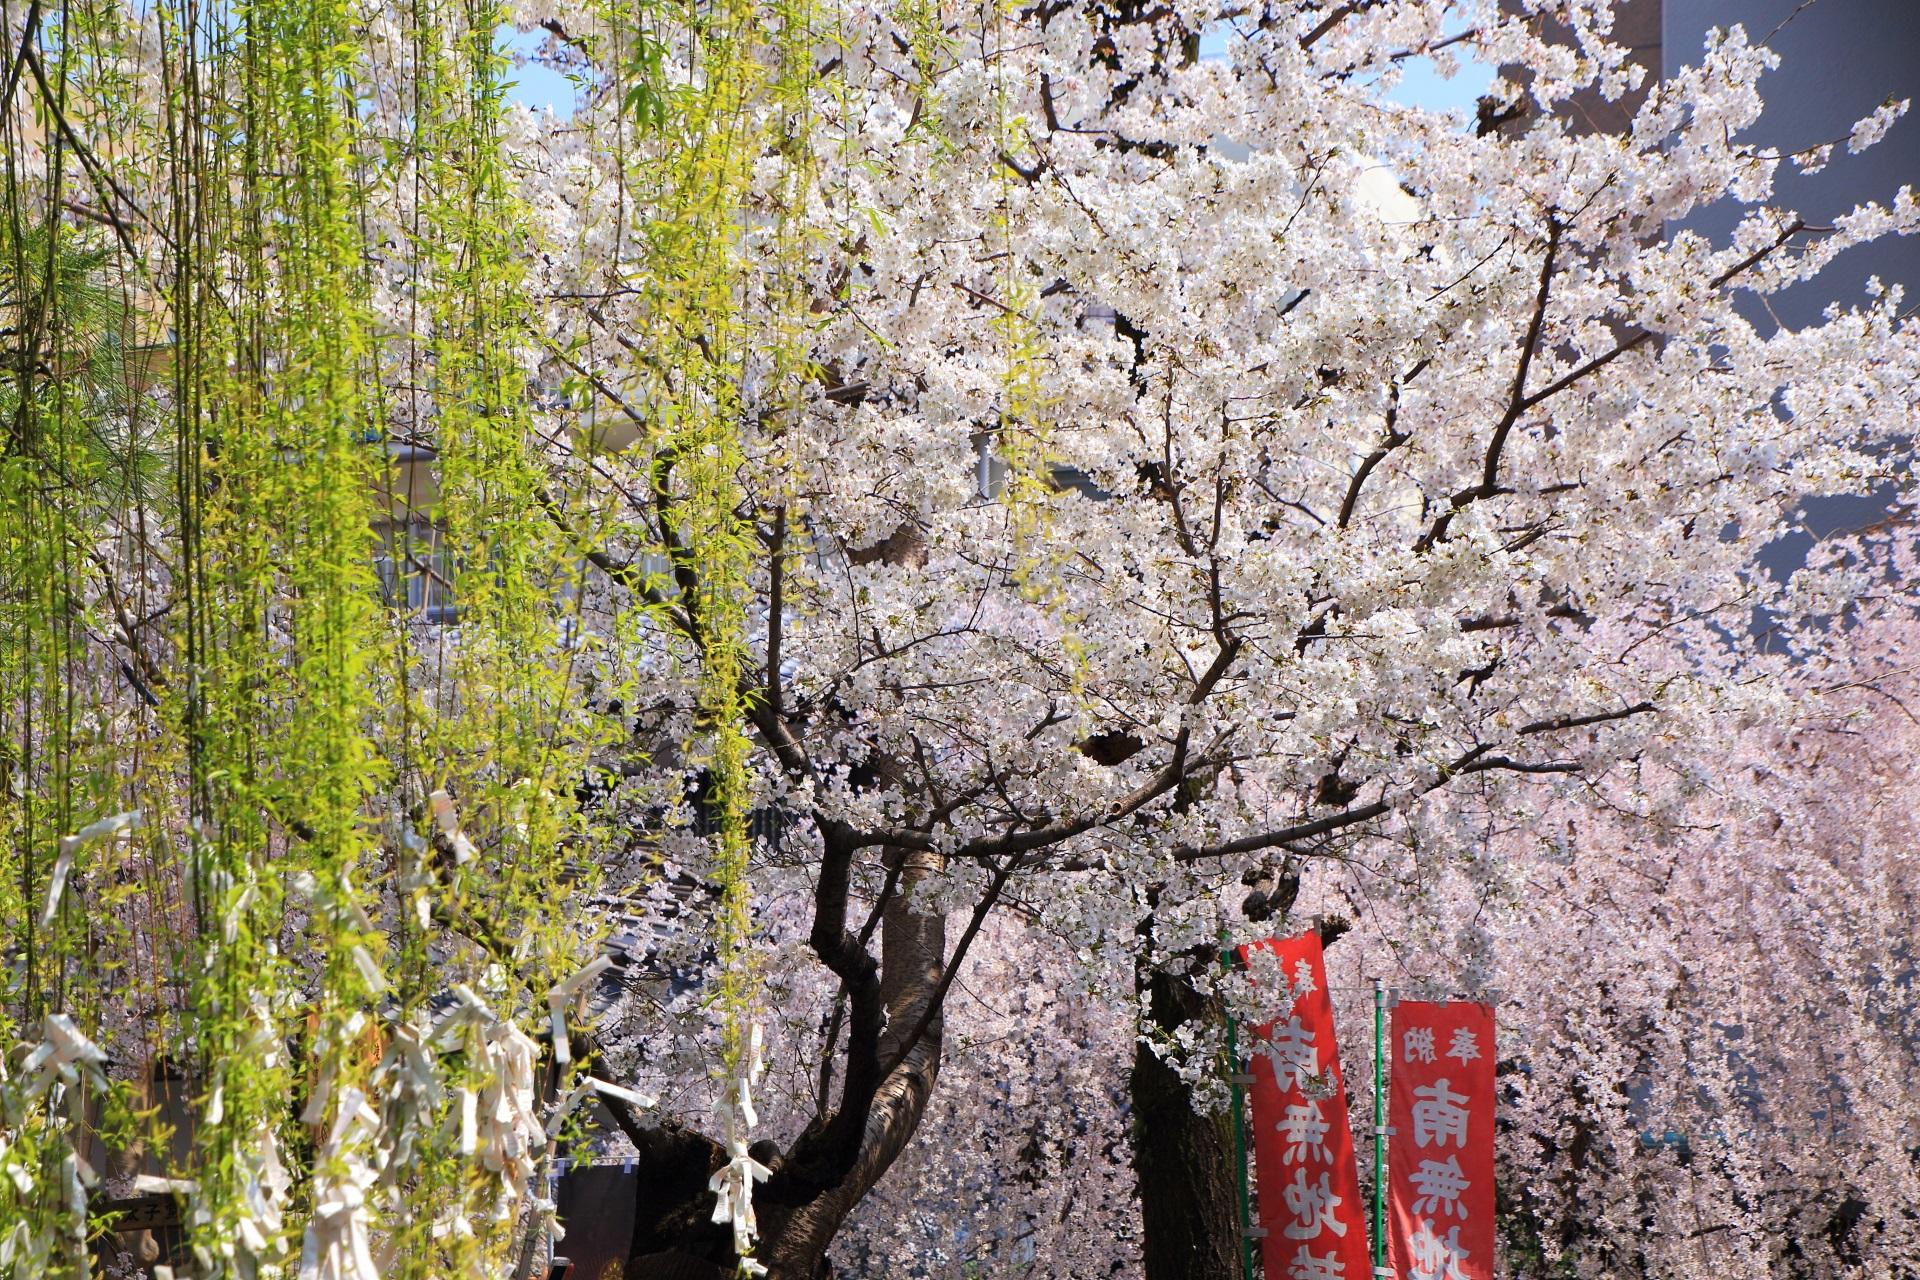 六角堂の新緑の柳と満開の桜